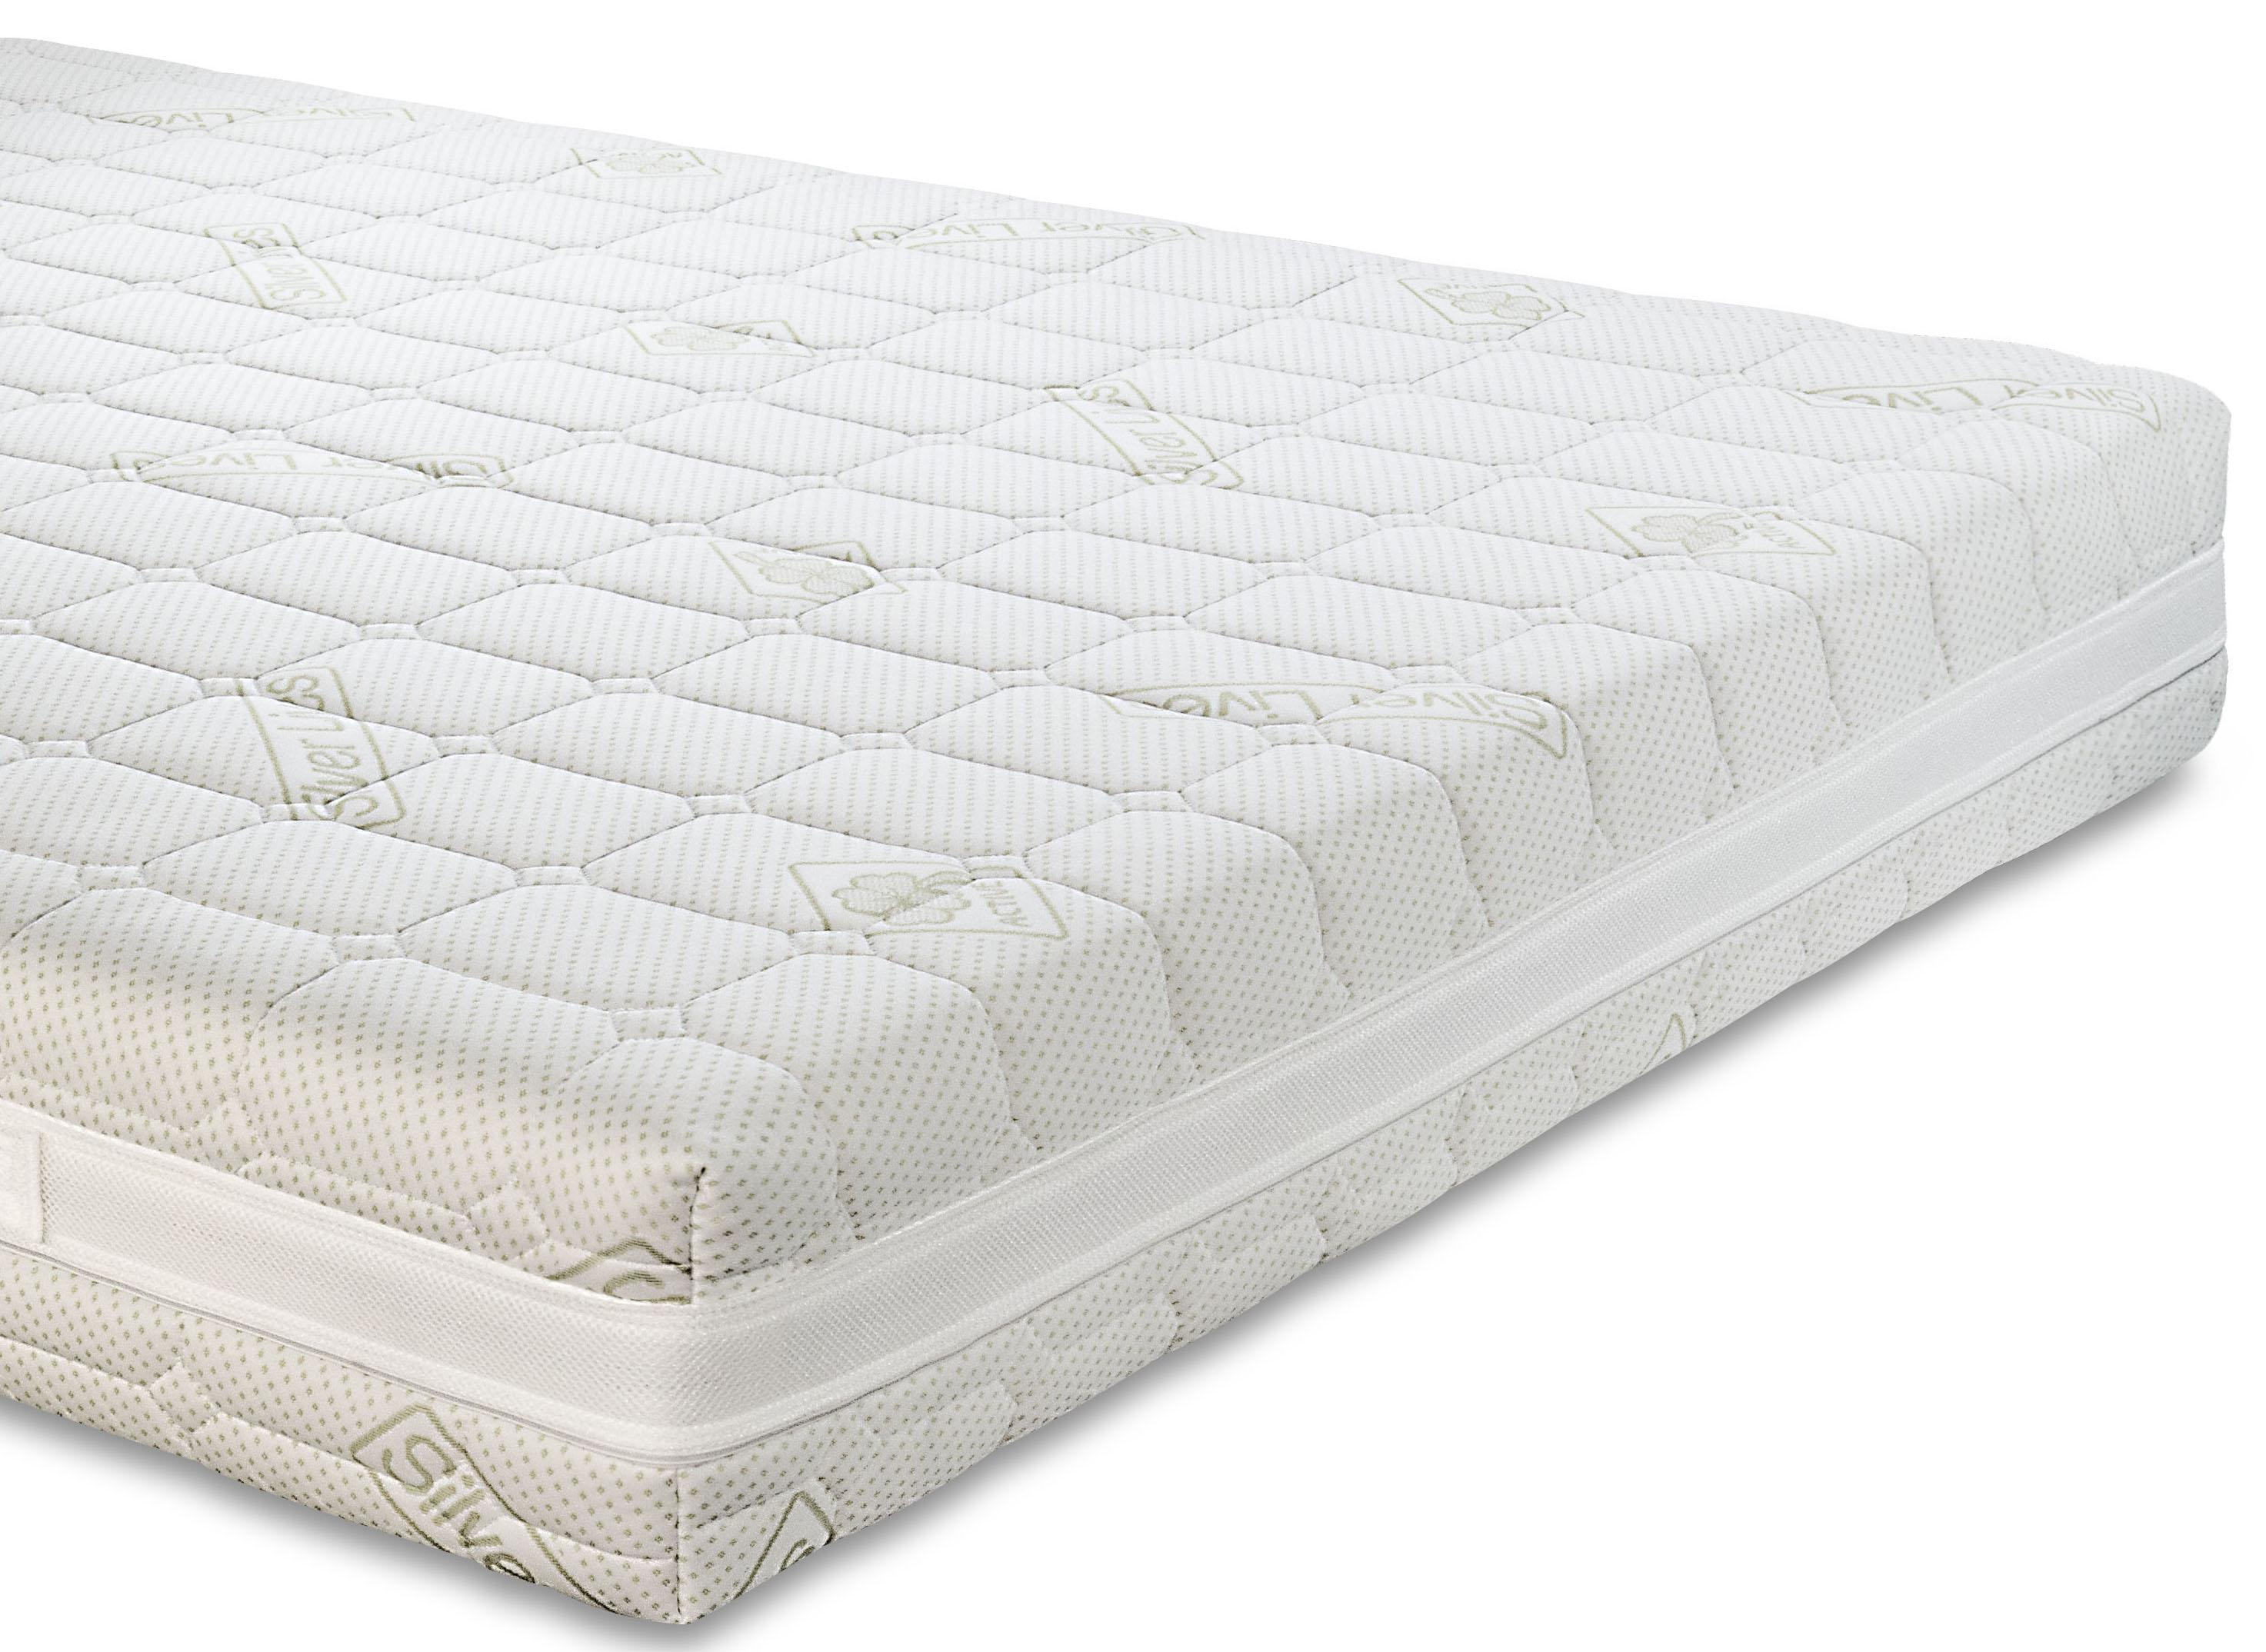 matelas memoire de forme orthopedique avec 7 zones de durete h 20 cm silver m ebay. Black Bedroom Furniture Sets. Home Design Ideas